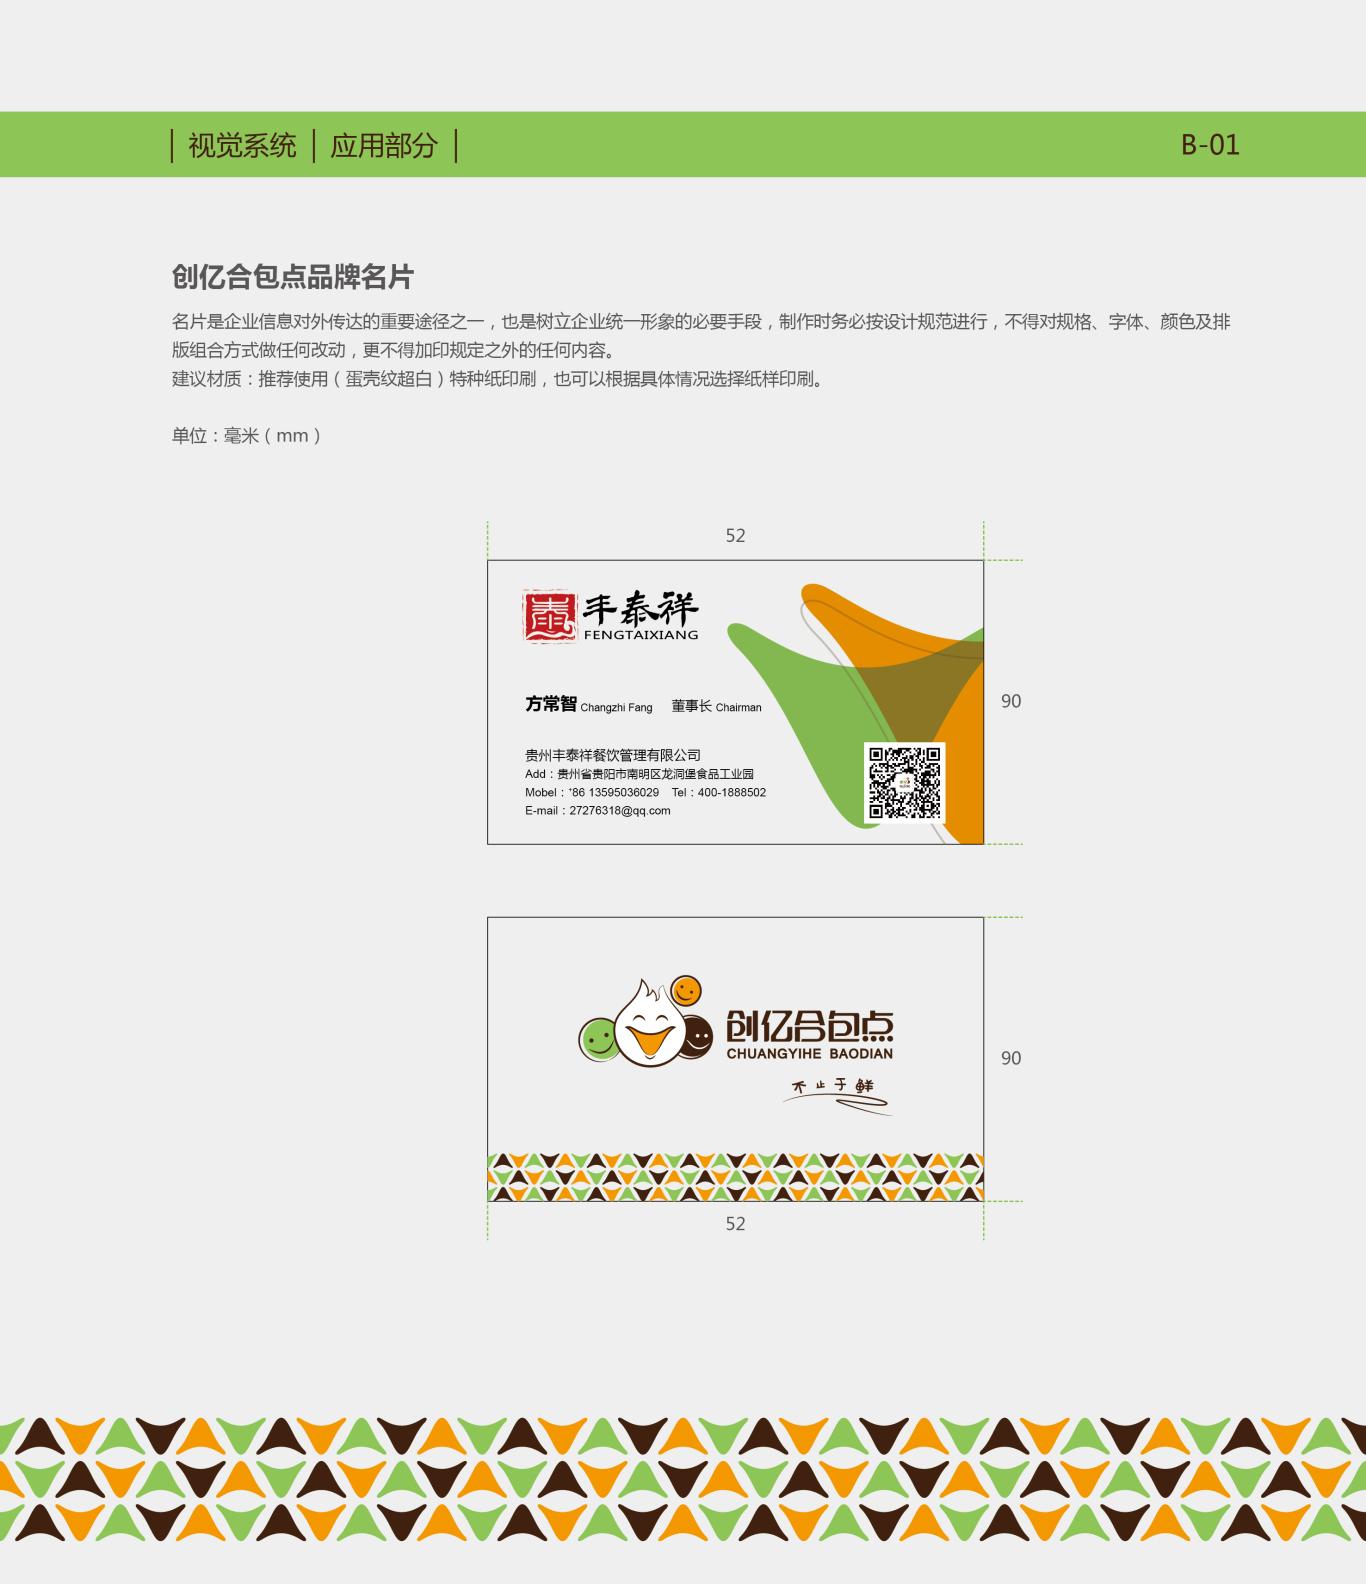 锐晟设计成功案例—创亿和包点VI图27